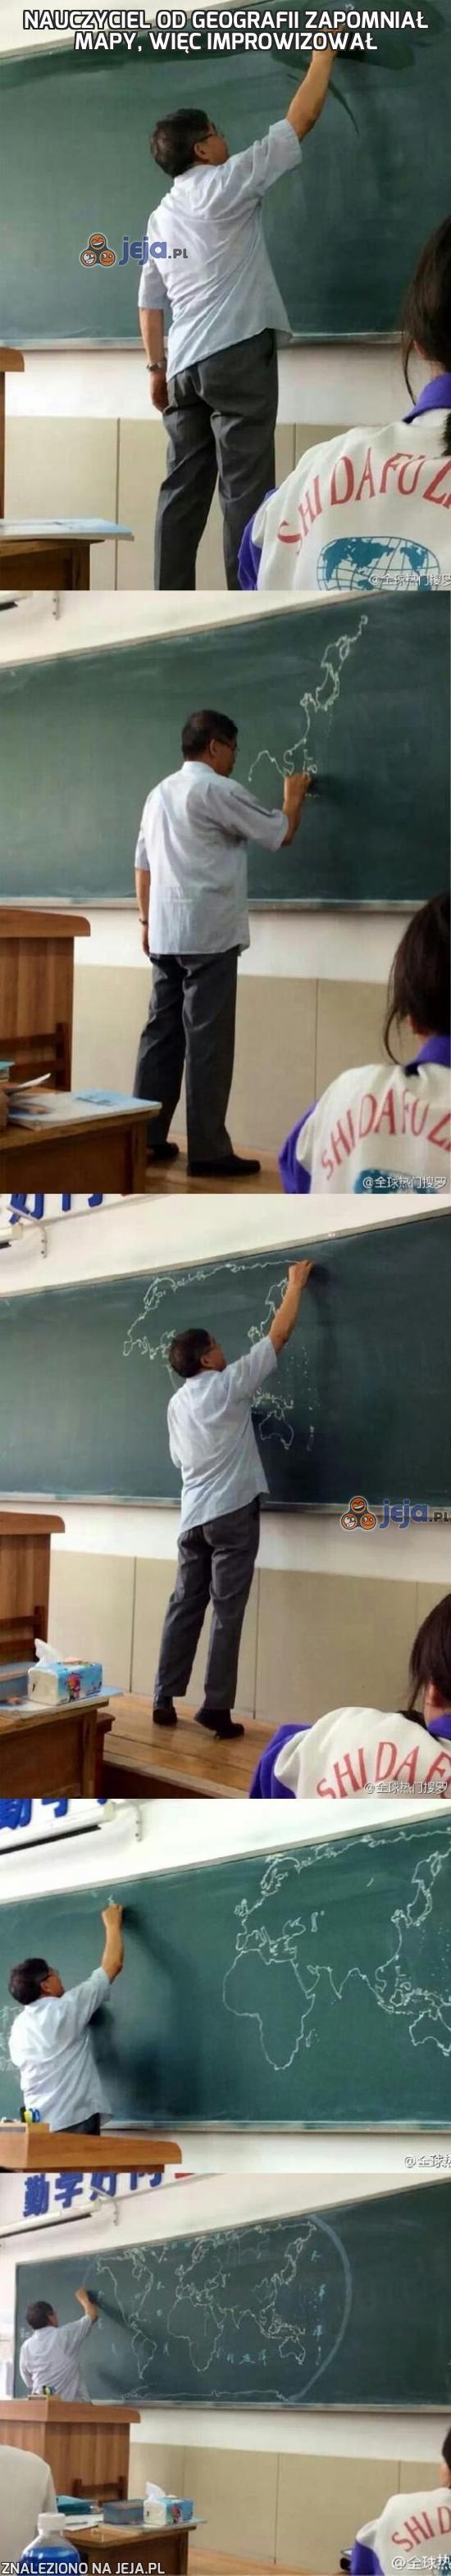 Nauczyciel od geografii zapomniał mapy, więc improwizował